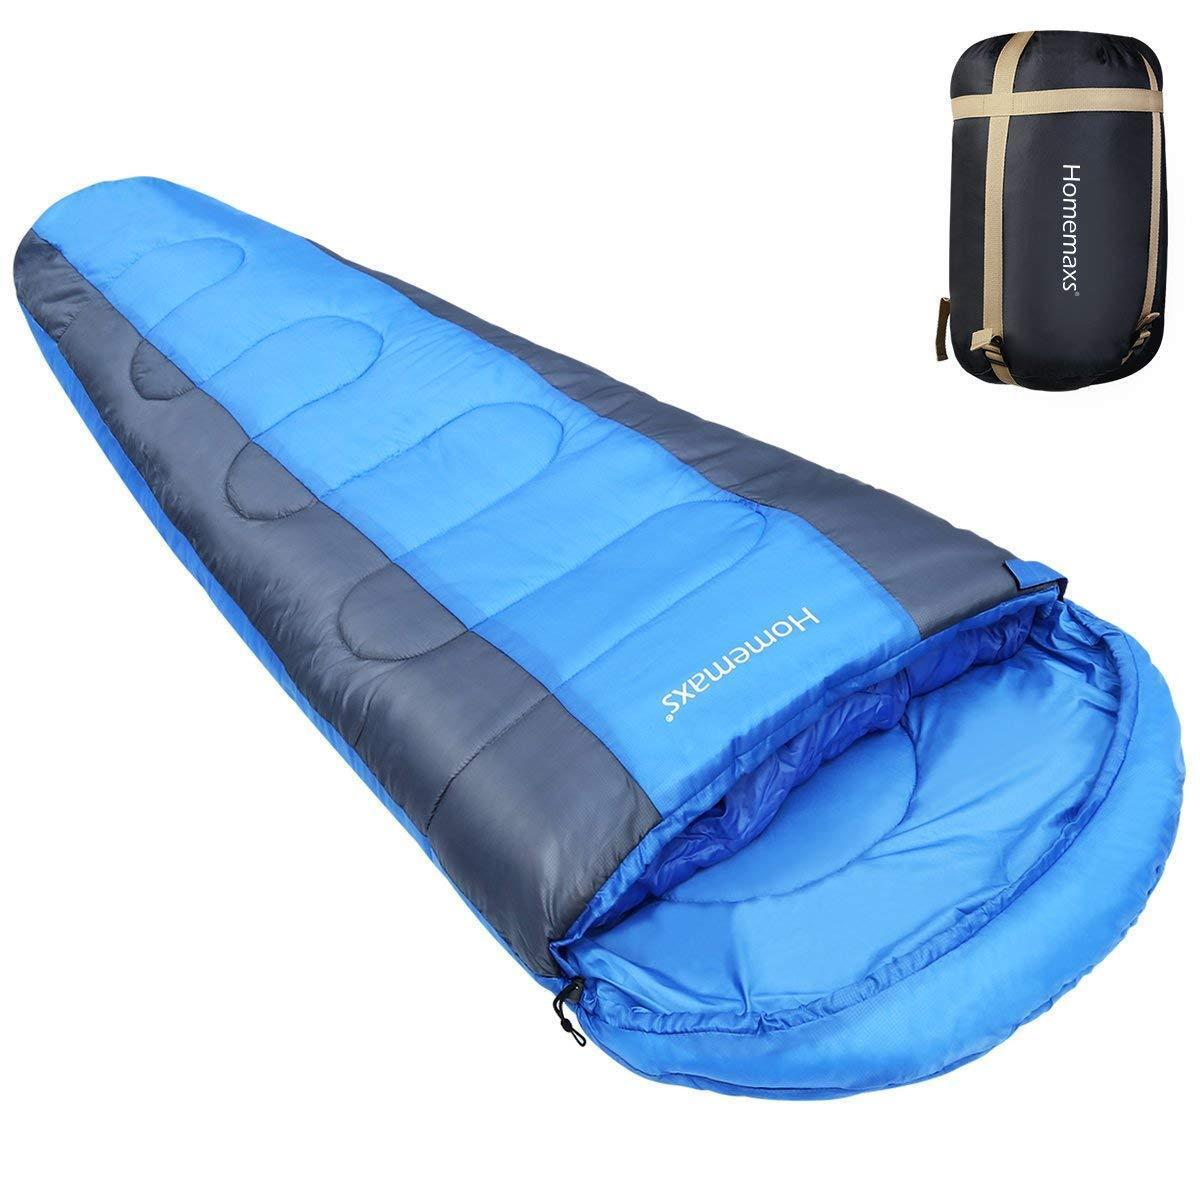 Sleeping Bag, Waterproof Envelope Sleeping  Bag, 4 Season Lightweight 20-50F  quality guaranteed